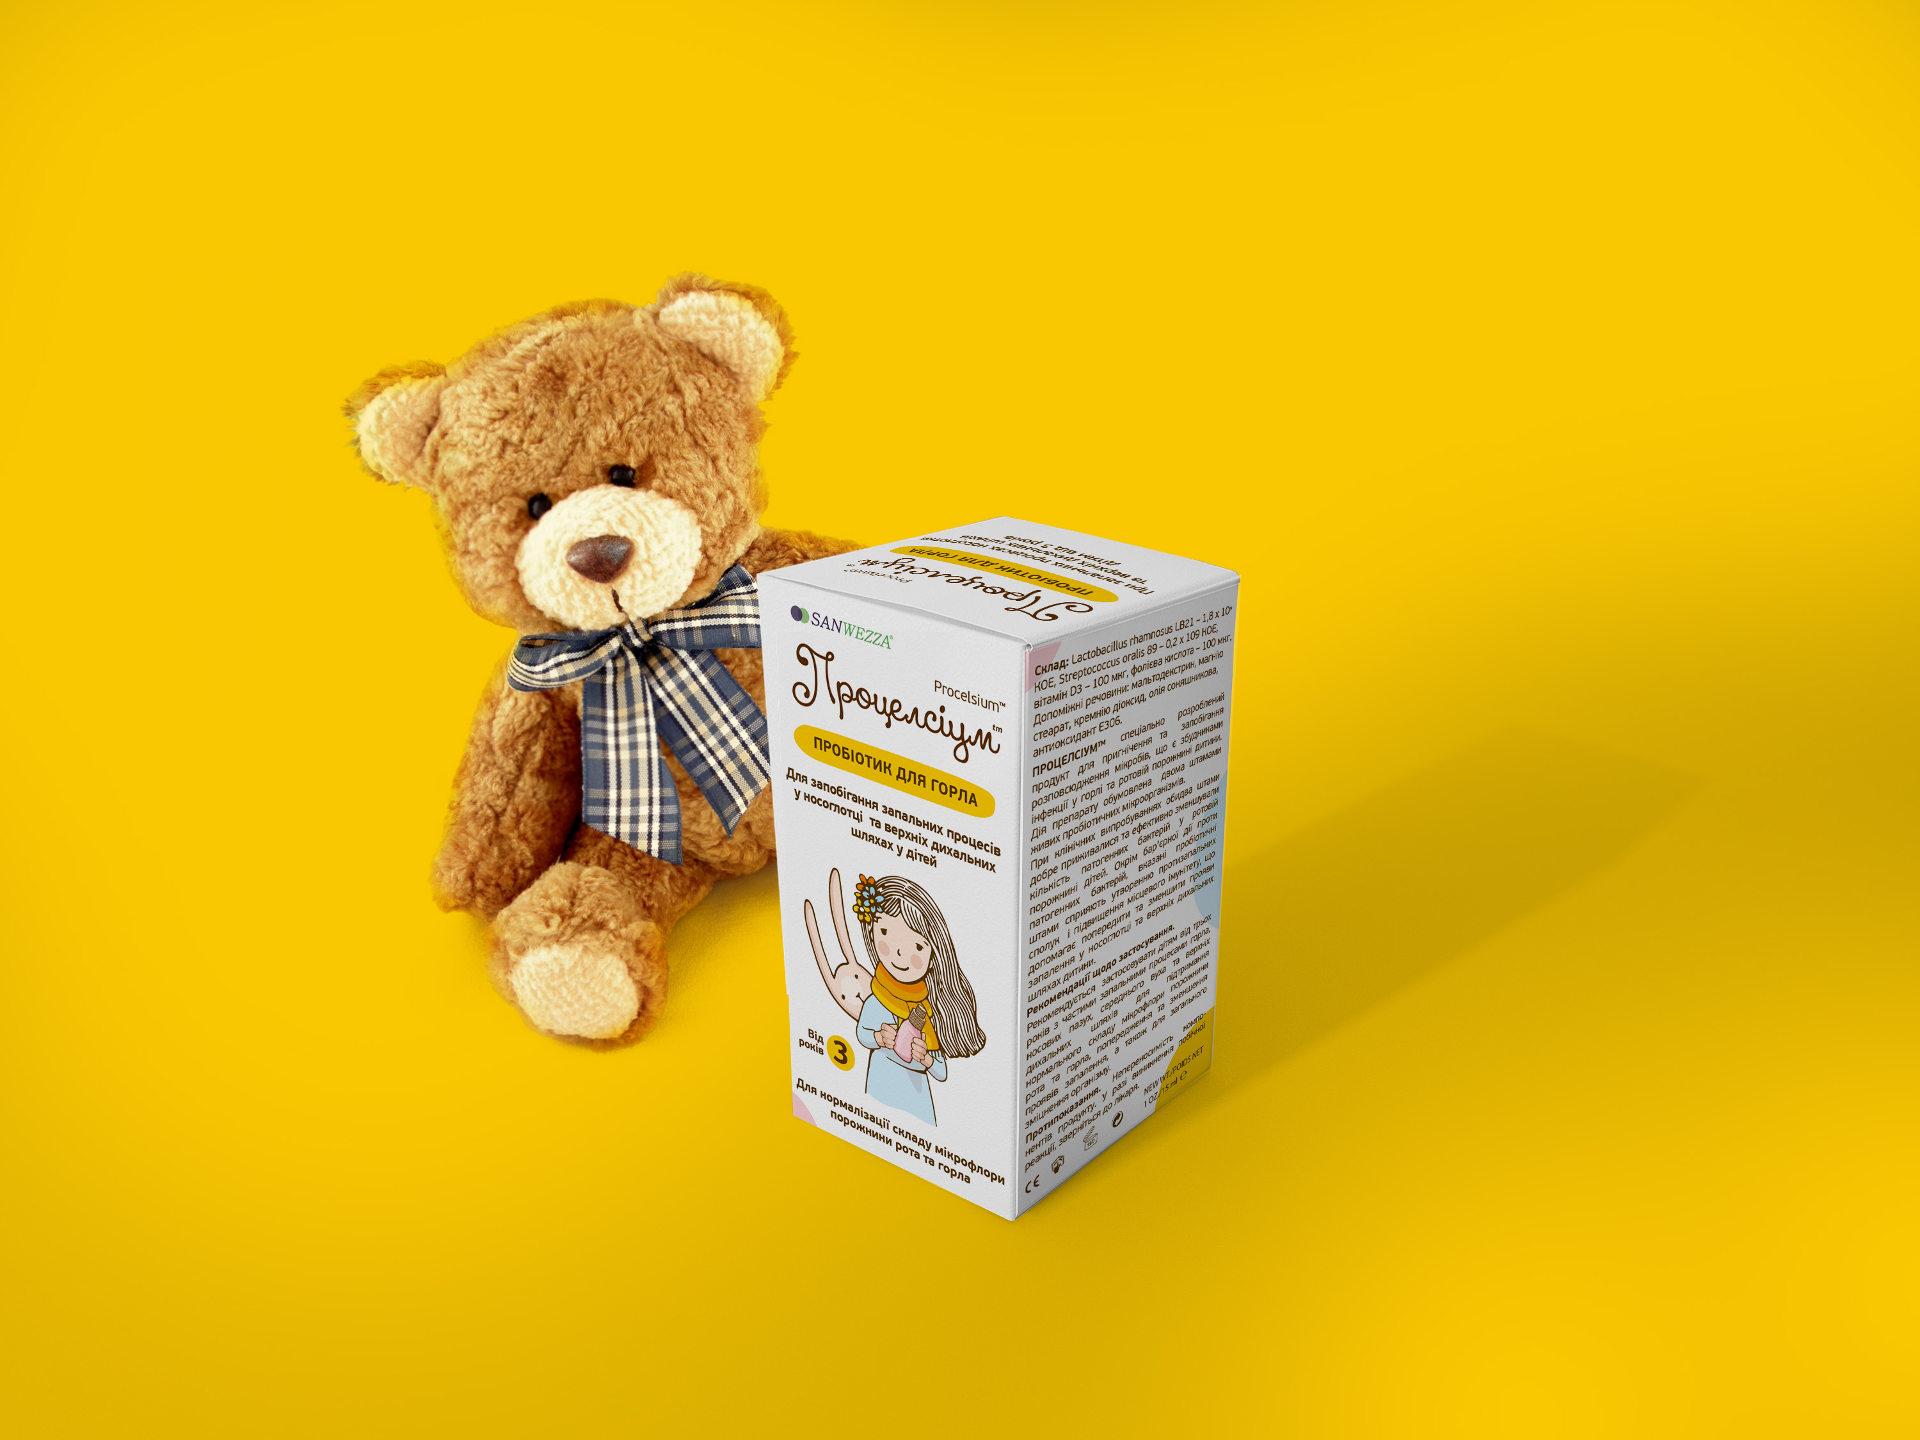 Дизайн детской медицинской упаковки Процельсиум